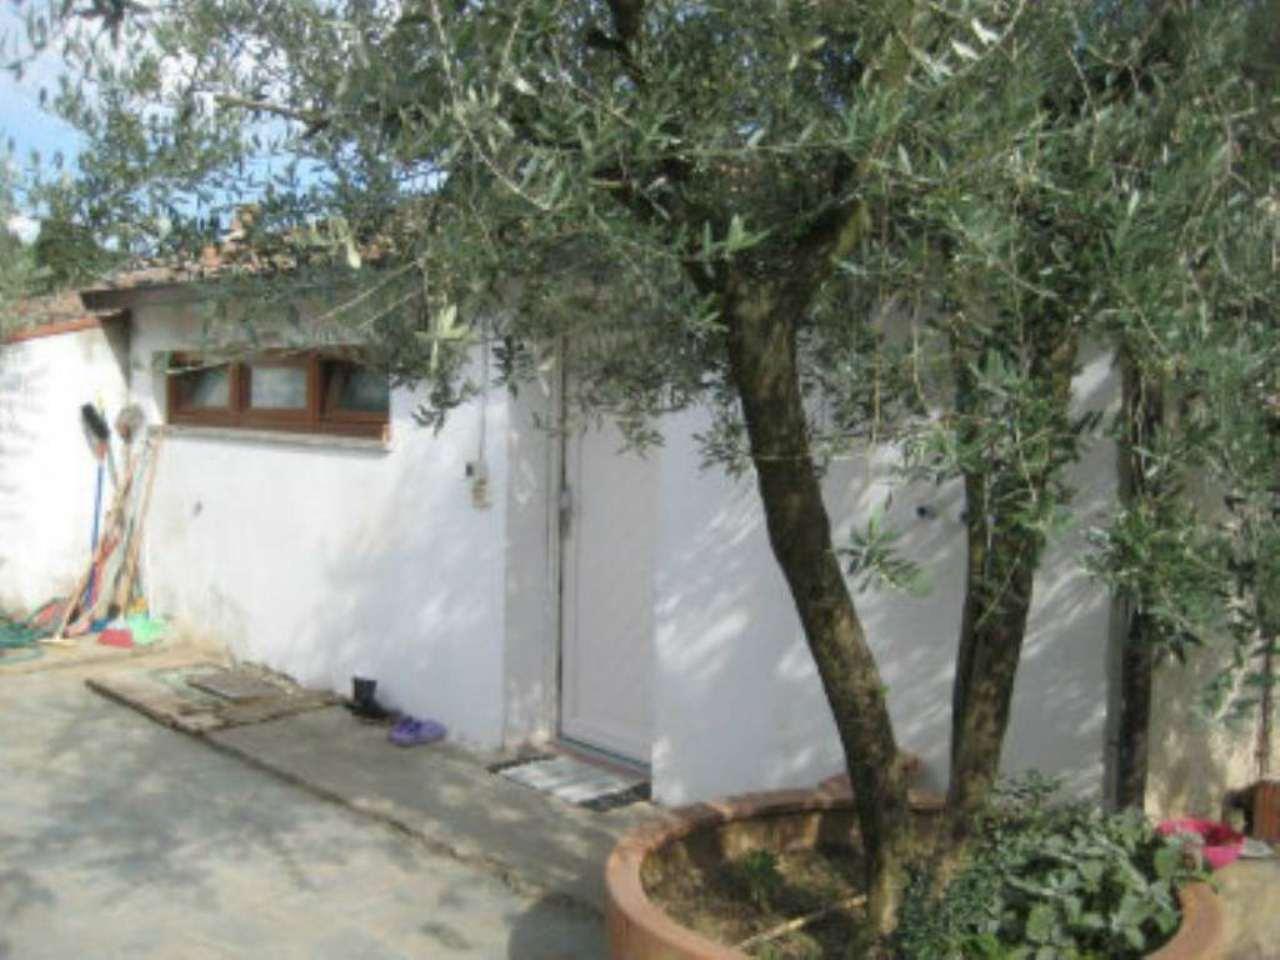 Soluzione Indipendente in vendita a Civitella in Val di Chiana, 6 locali, prezzo € 90.000   CambioCasa.it